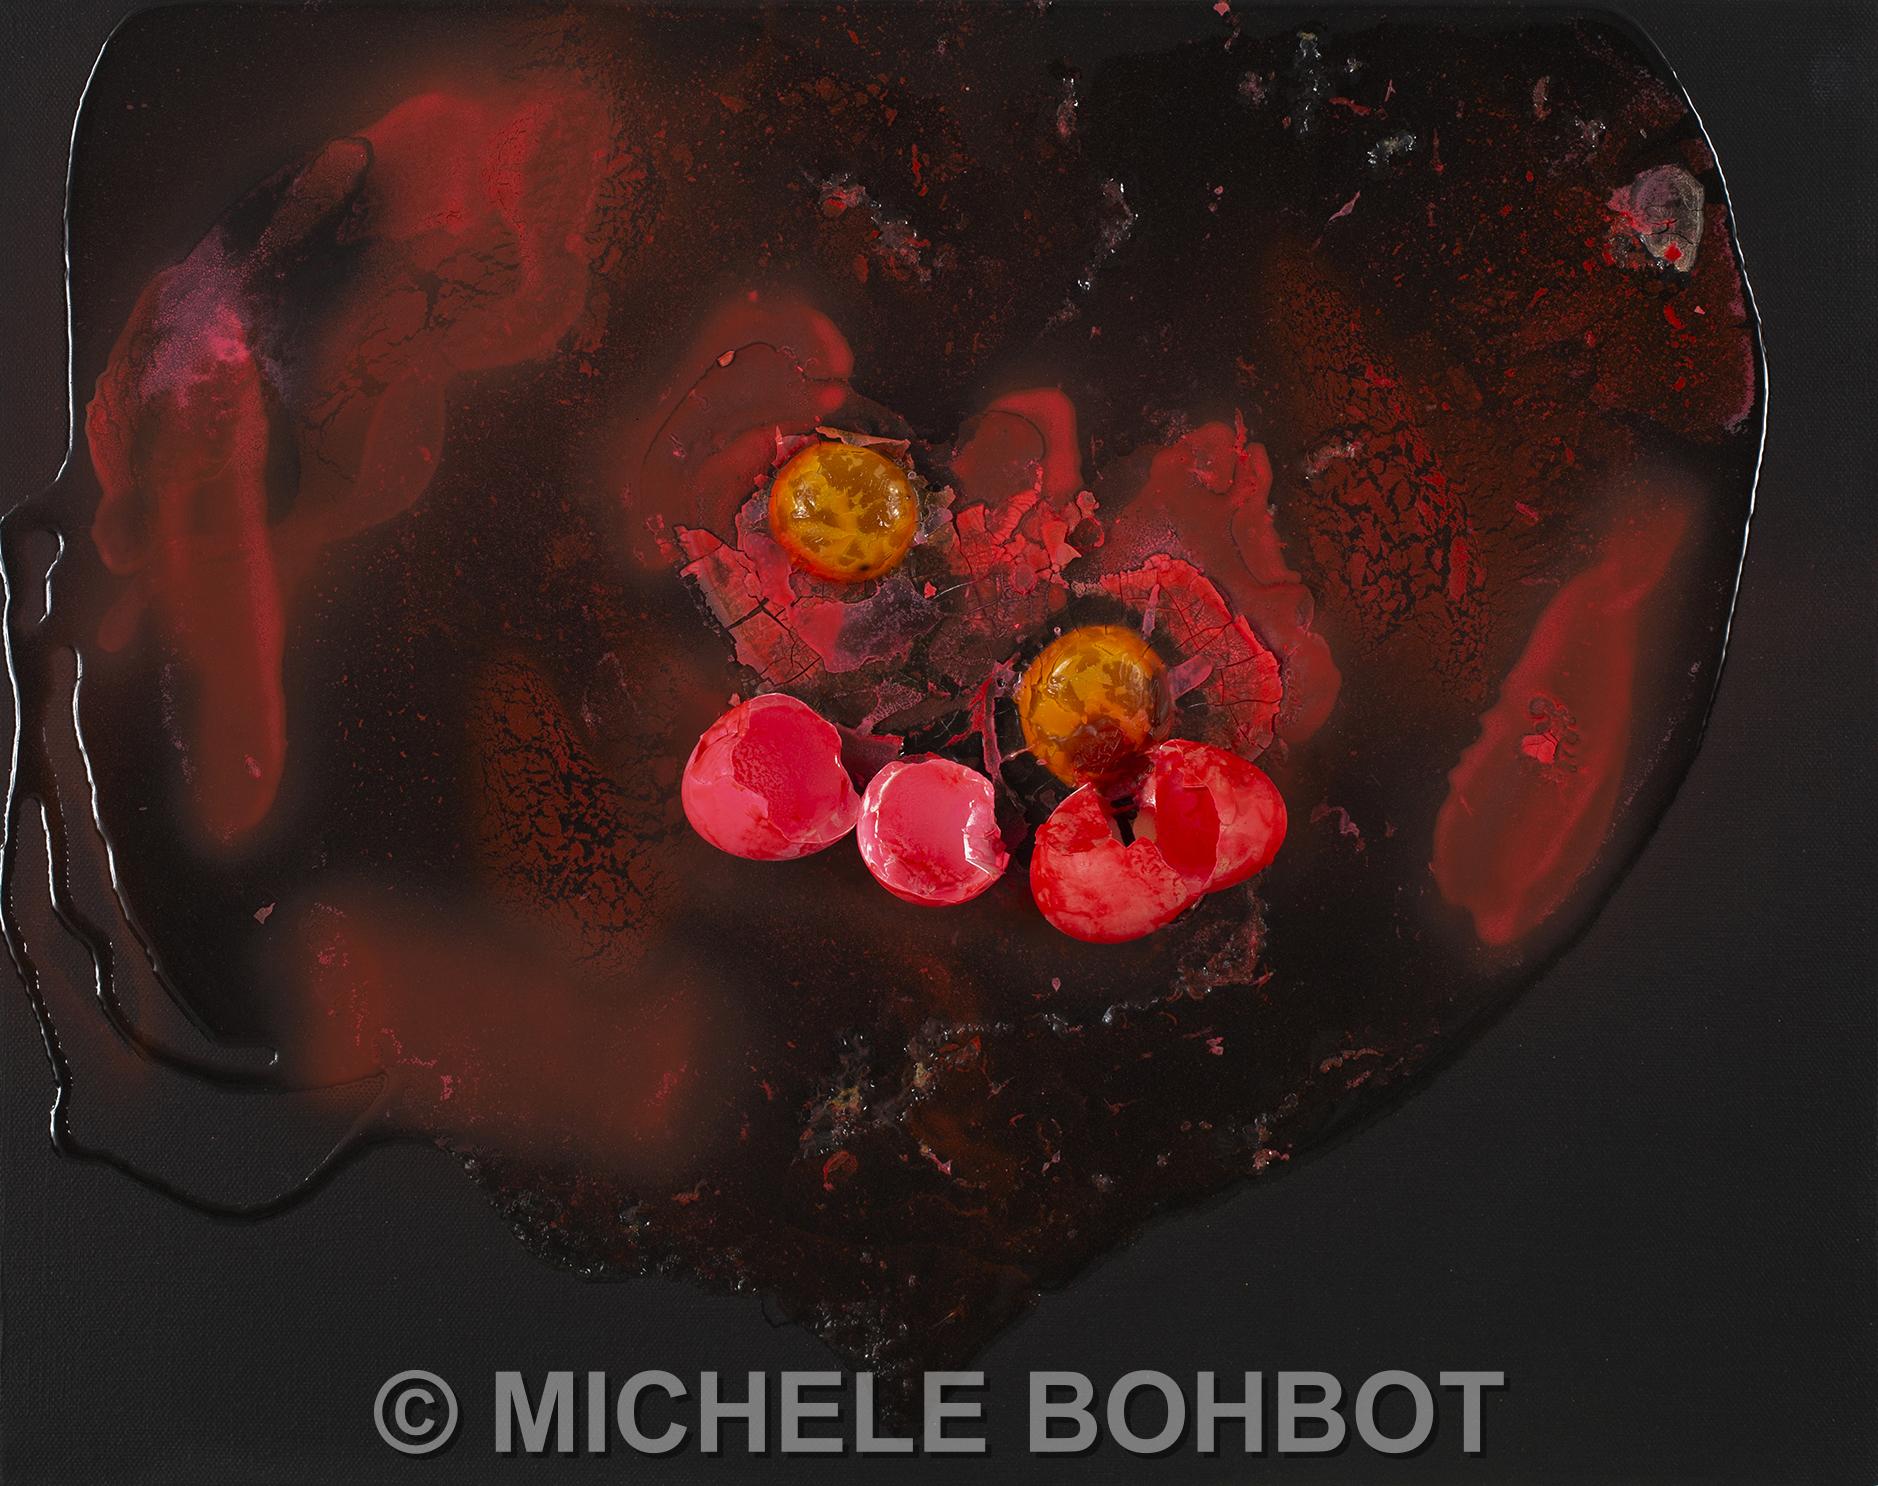 Michele A. Bohbot (4-13-19)_31_lg-ed1-1.jpg